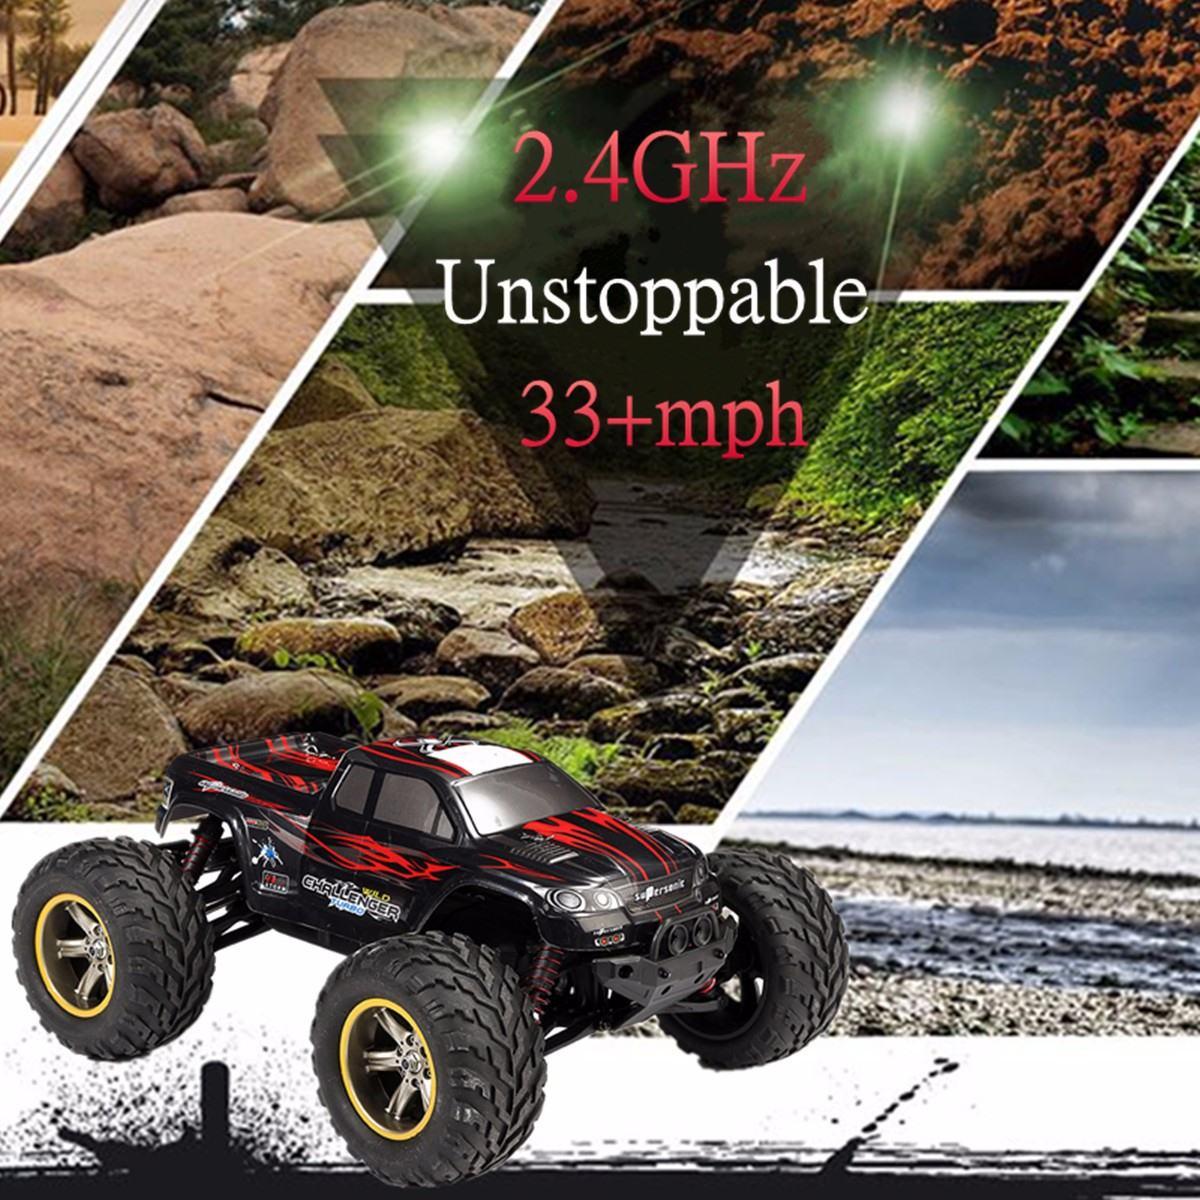 Voiture RC imperméable S911 RC SUV Coche 1/12 2.4 GHz 2WD 6CH Alta Velocidad contrôle télécommande voiture pour garçons enfants transmetteur